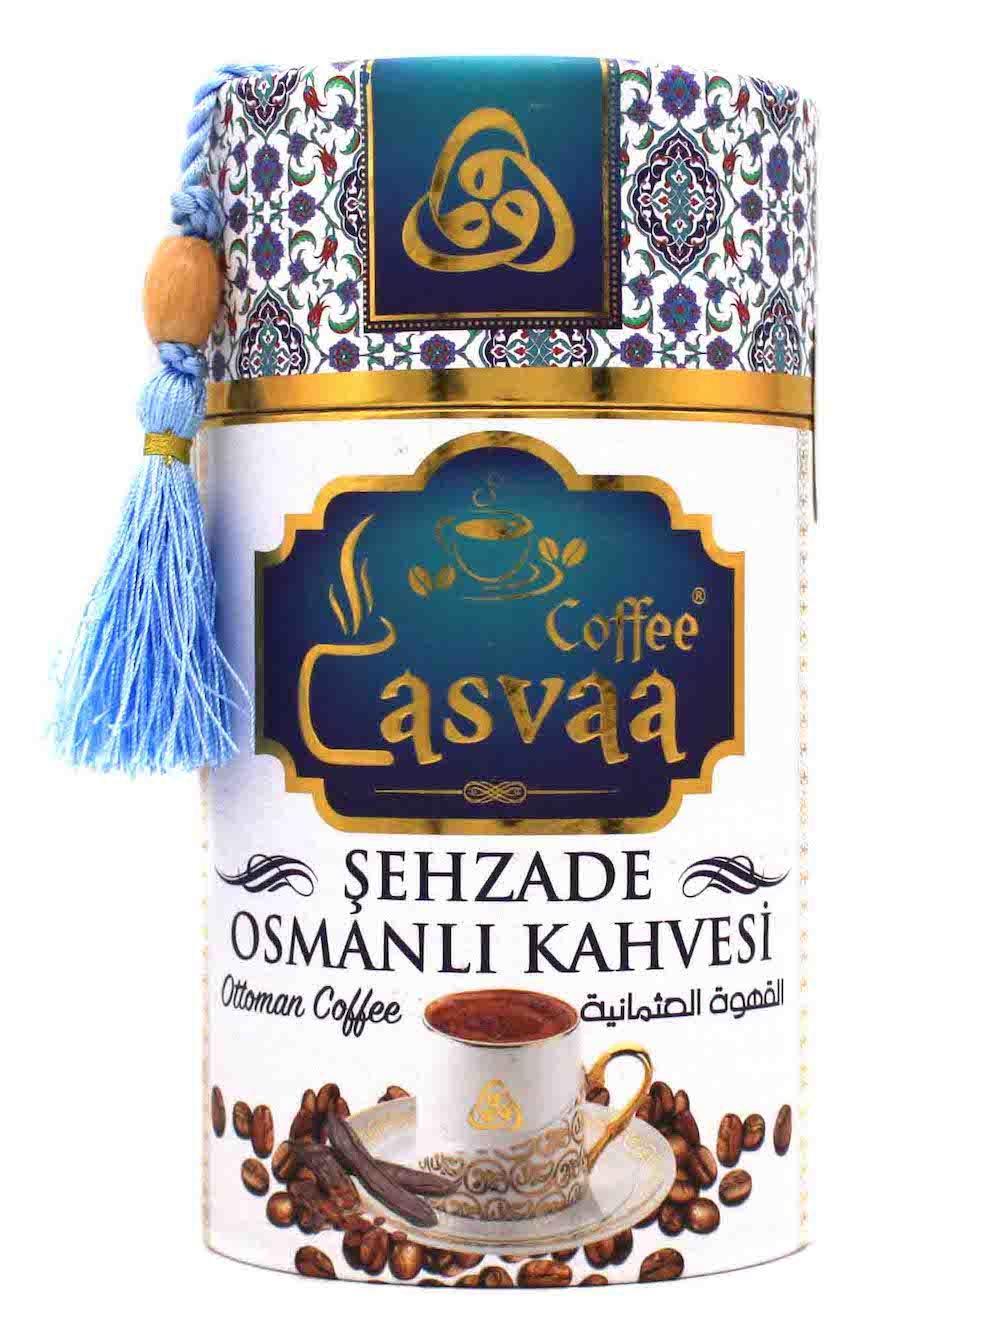 Кофейный напиток Турецкий кофе молотый с добавлением кэроба и кардамона, Casvaa, 250 г import_files_b4_b4e4e9e33ea211eba9db484d7ecee297_7f49c4cc3f6a11eba9db484d7ecee297.jpg